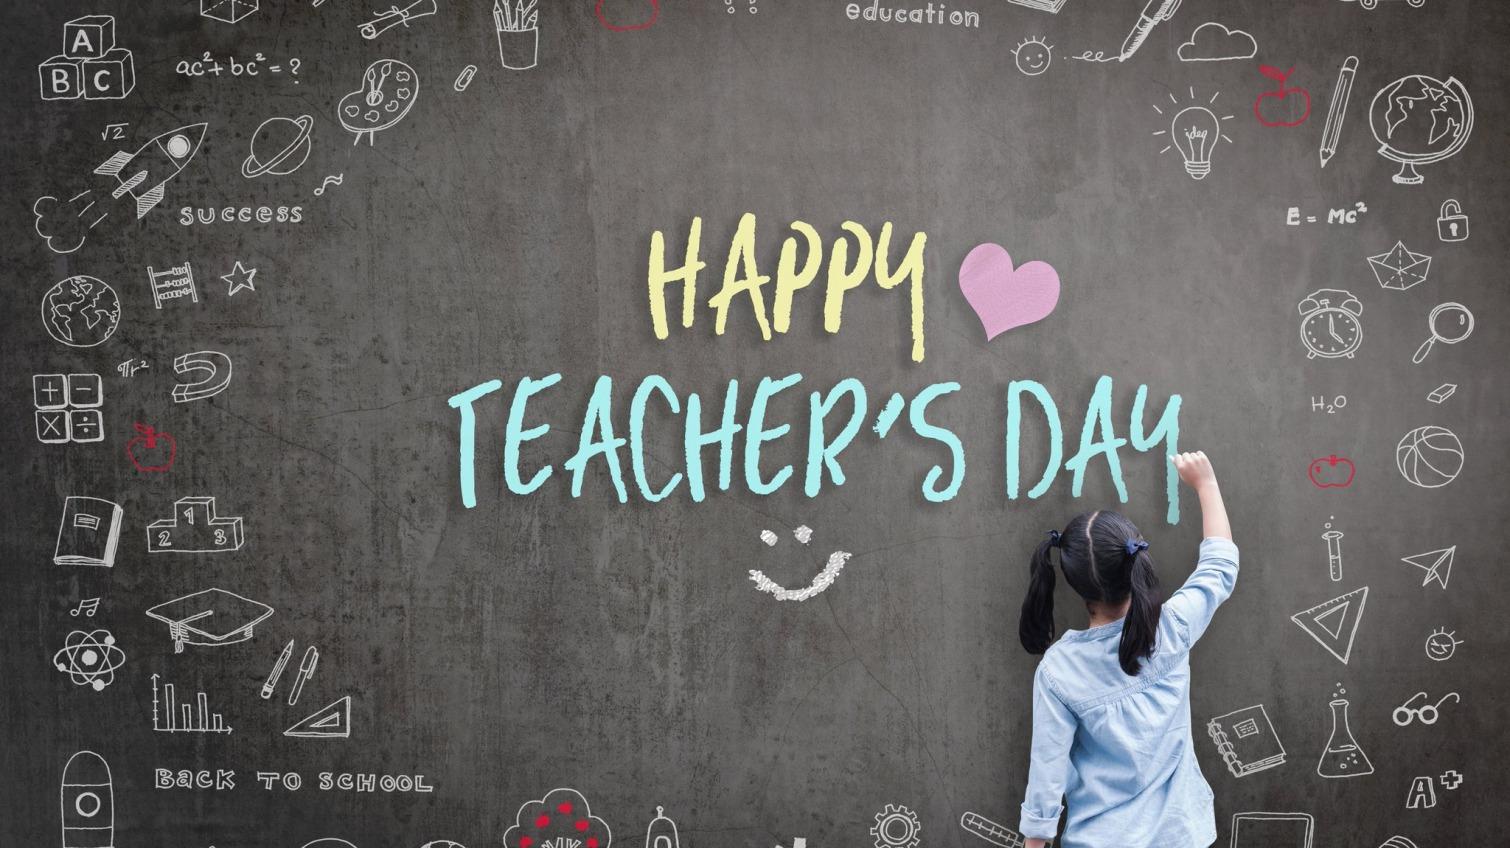 День учителя: топ-8идей для поздравления к празднику «фото»